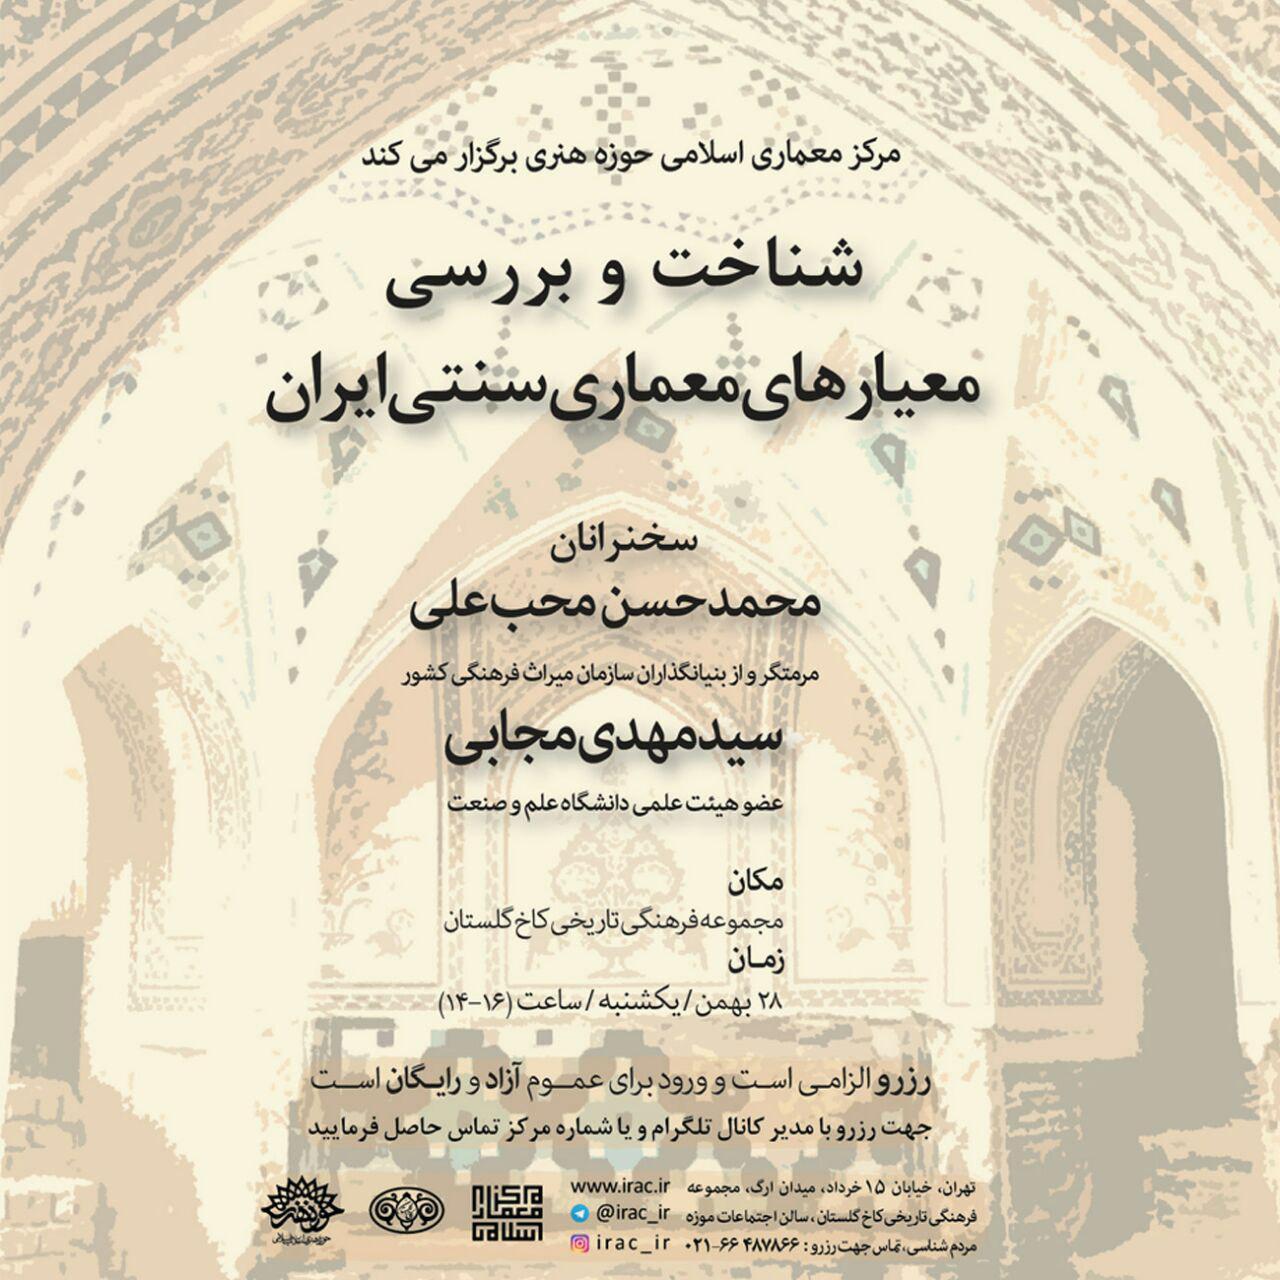 معیارهای معماری سنتی ایران بررسی می شود